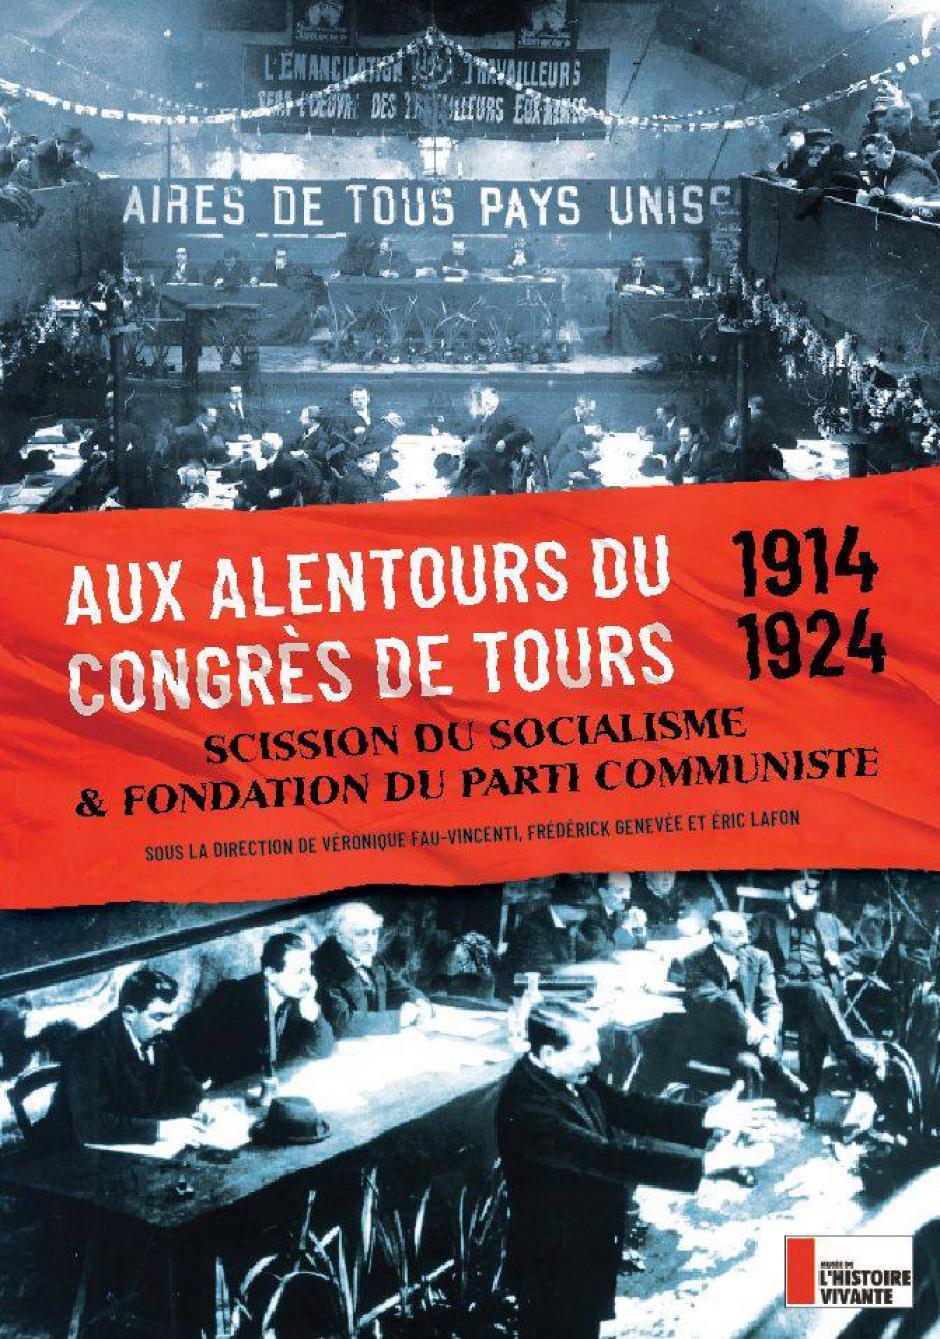 Congrès de Tours, la naissance de la section française de l'Internationale communiste